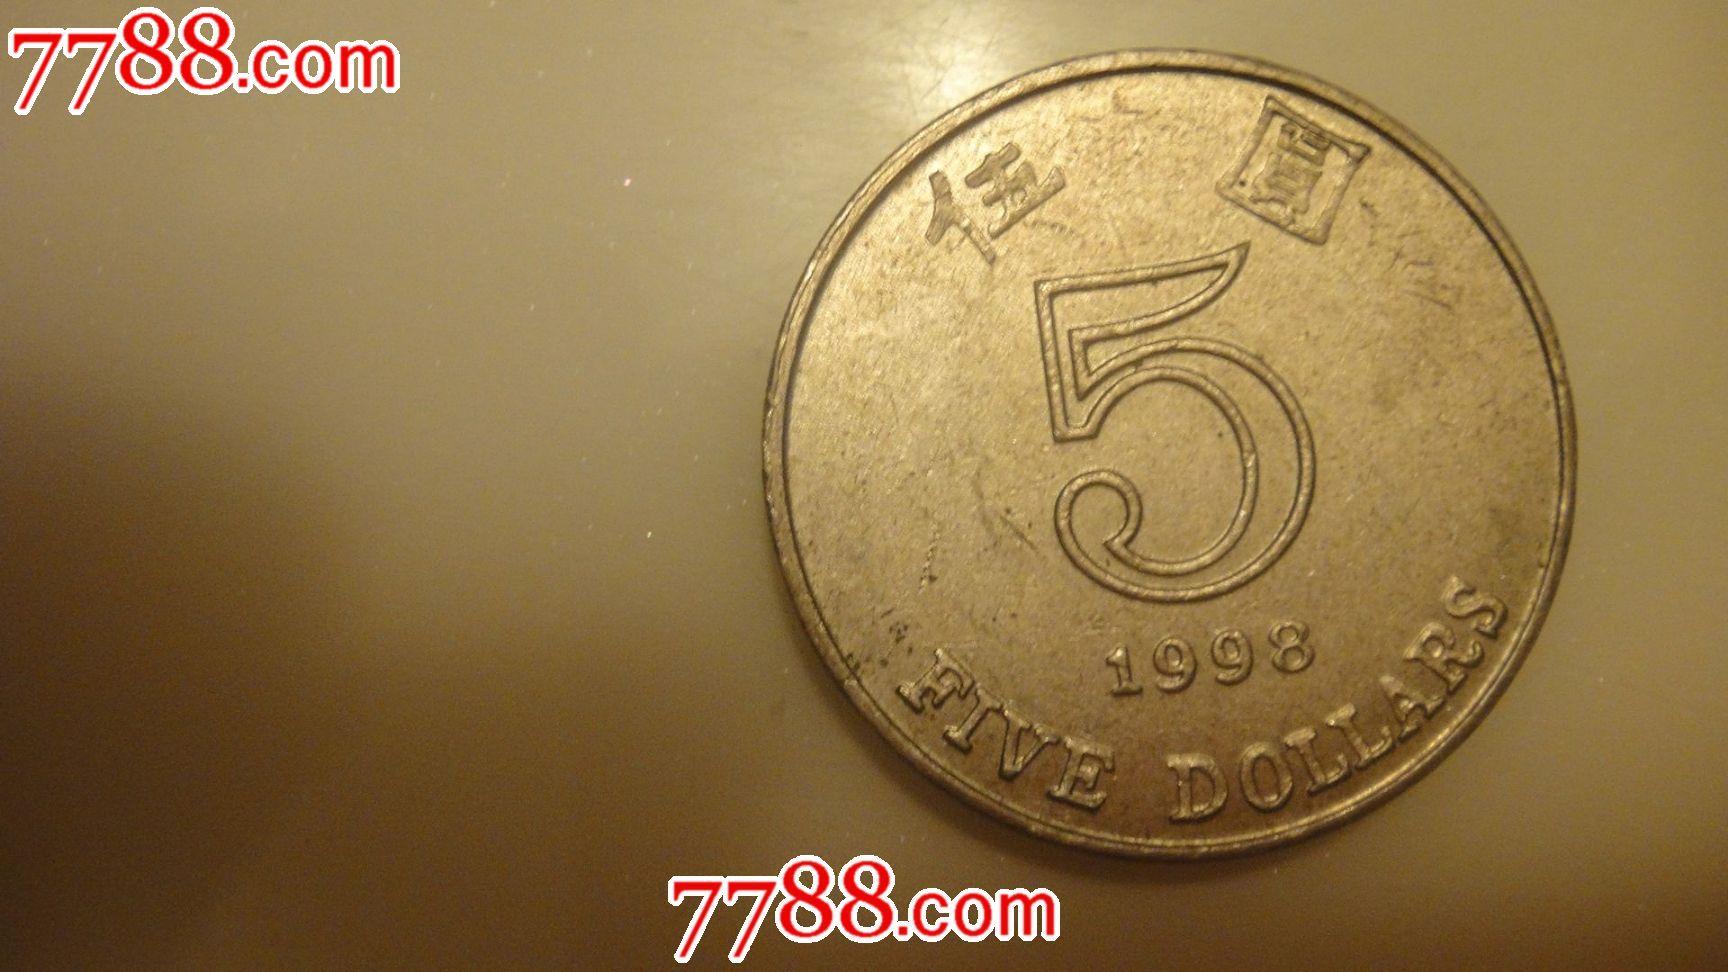 1998年香港5元硬币_香港稀少年份1998年五元镍币